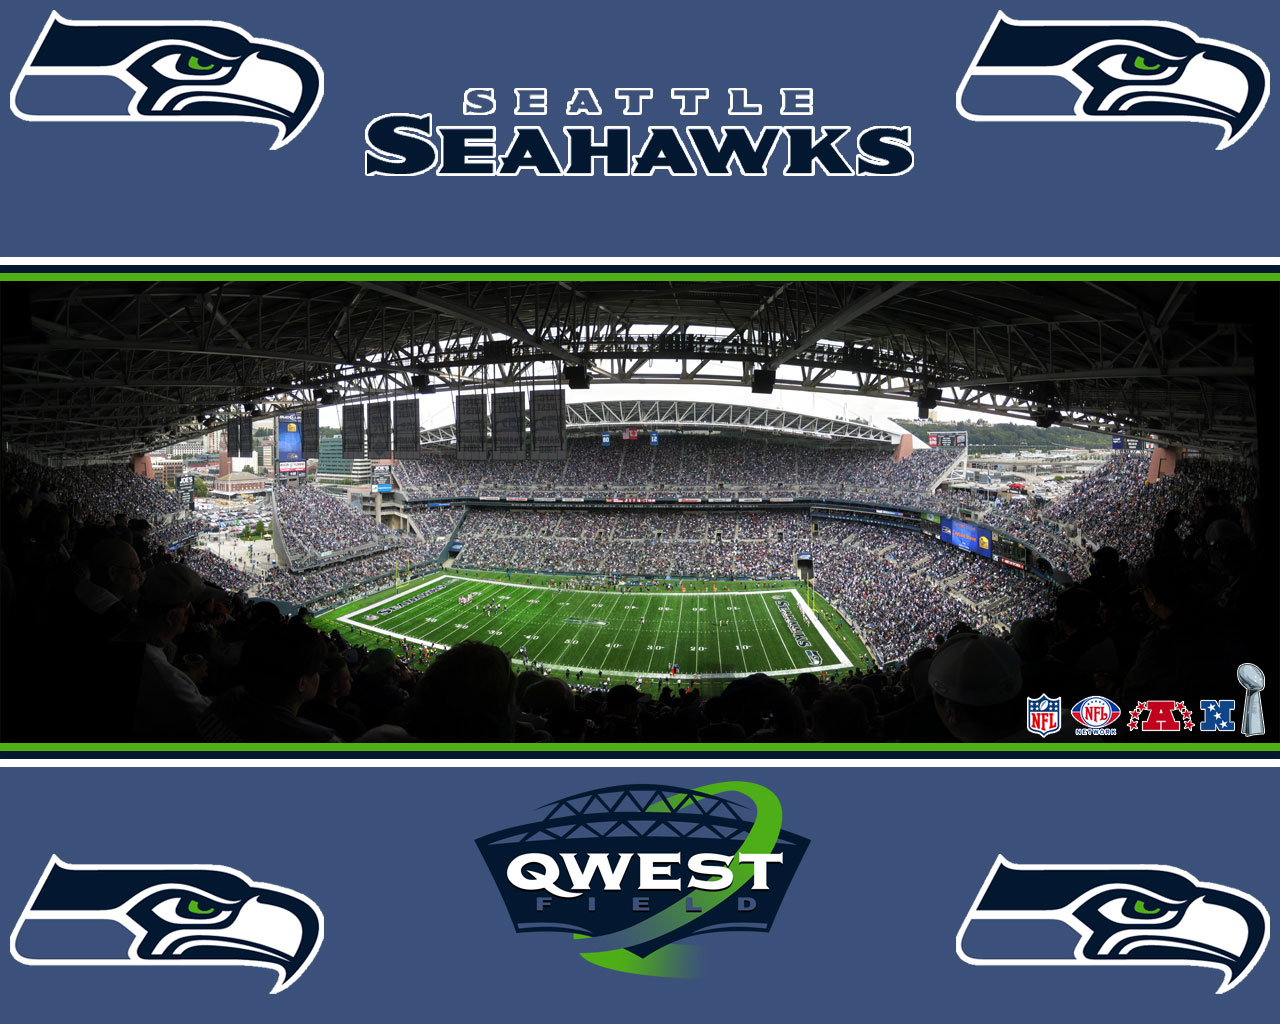 Field stadium Seattle Seahawks wallpaper nfl wallpaper Seahawks 1280x1024